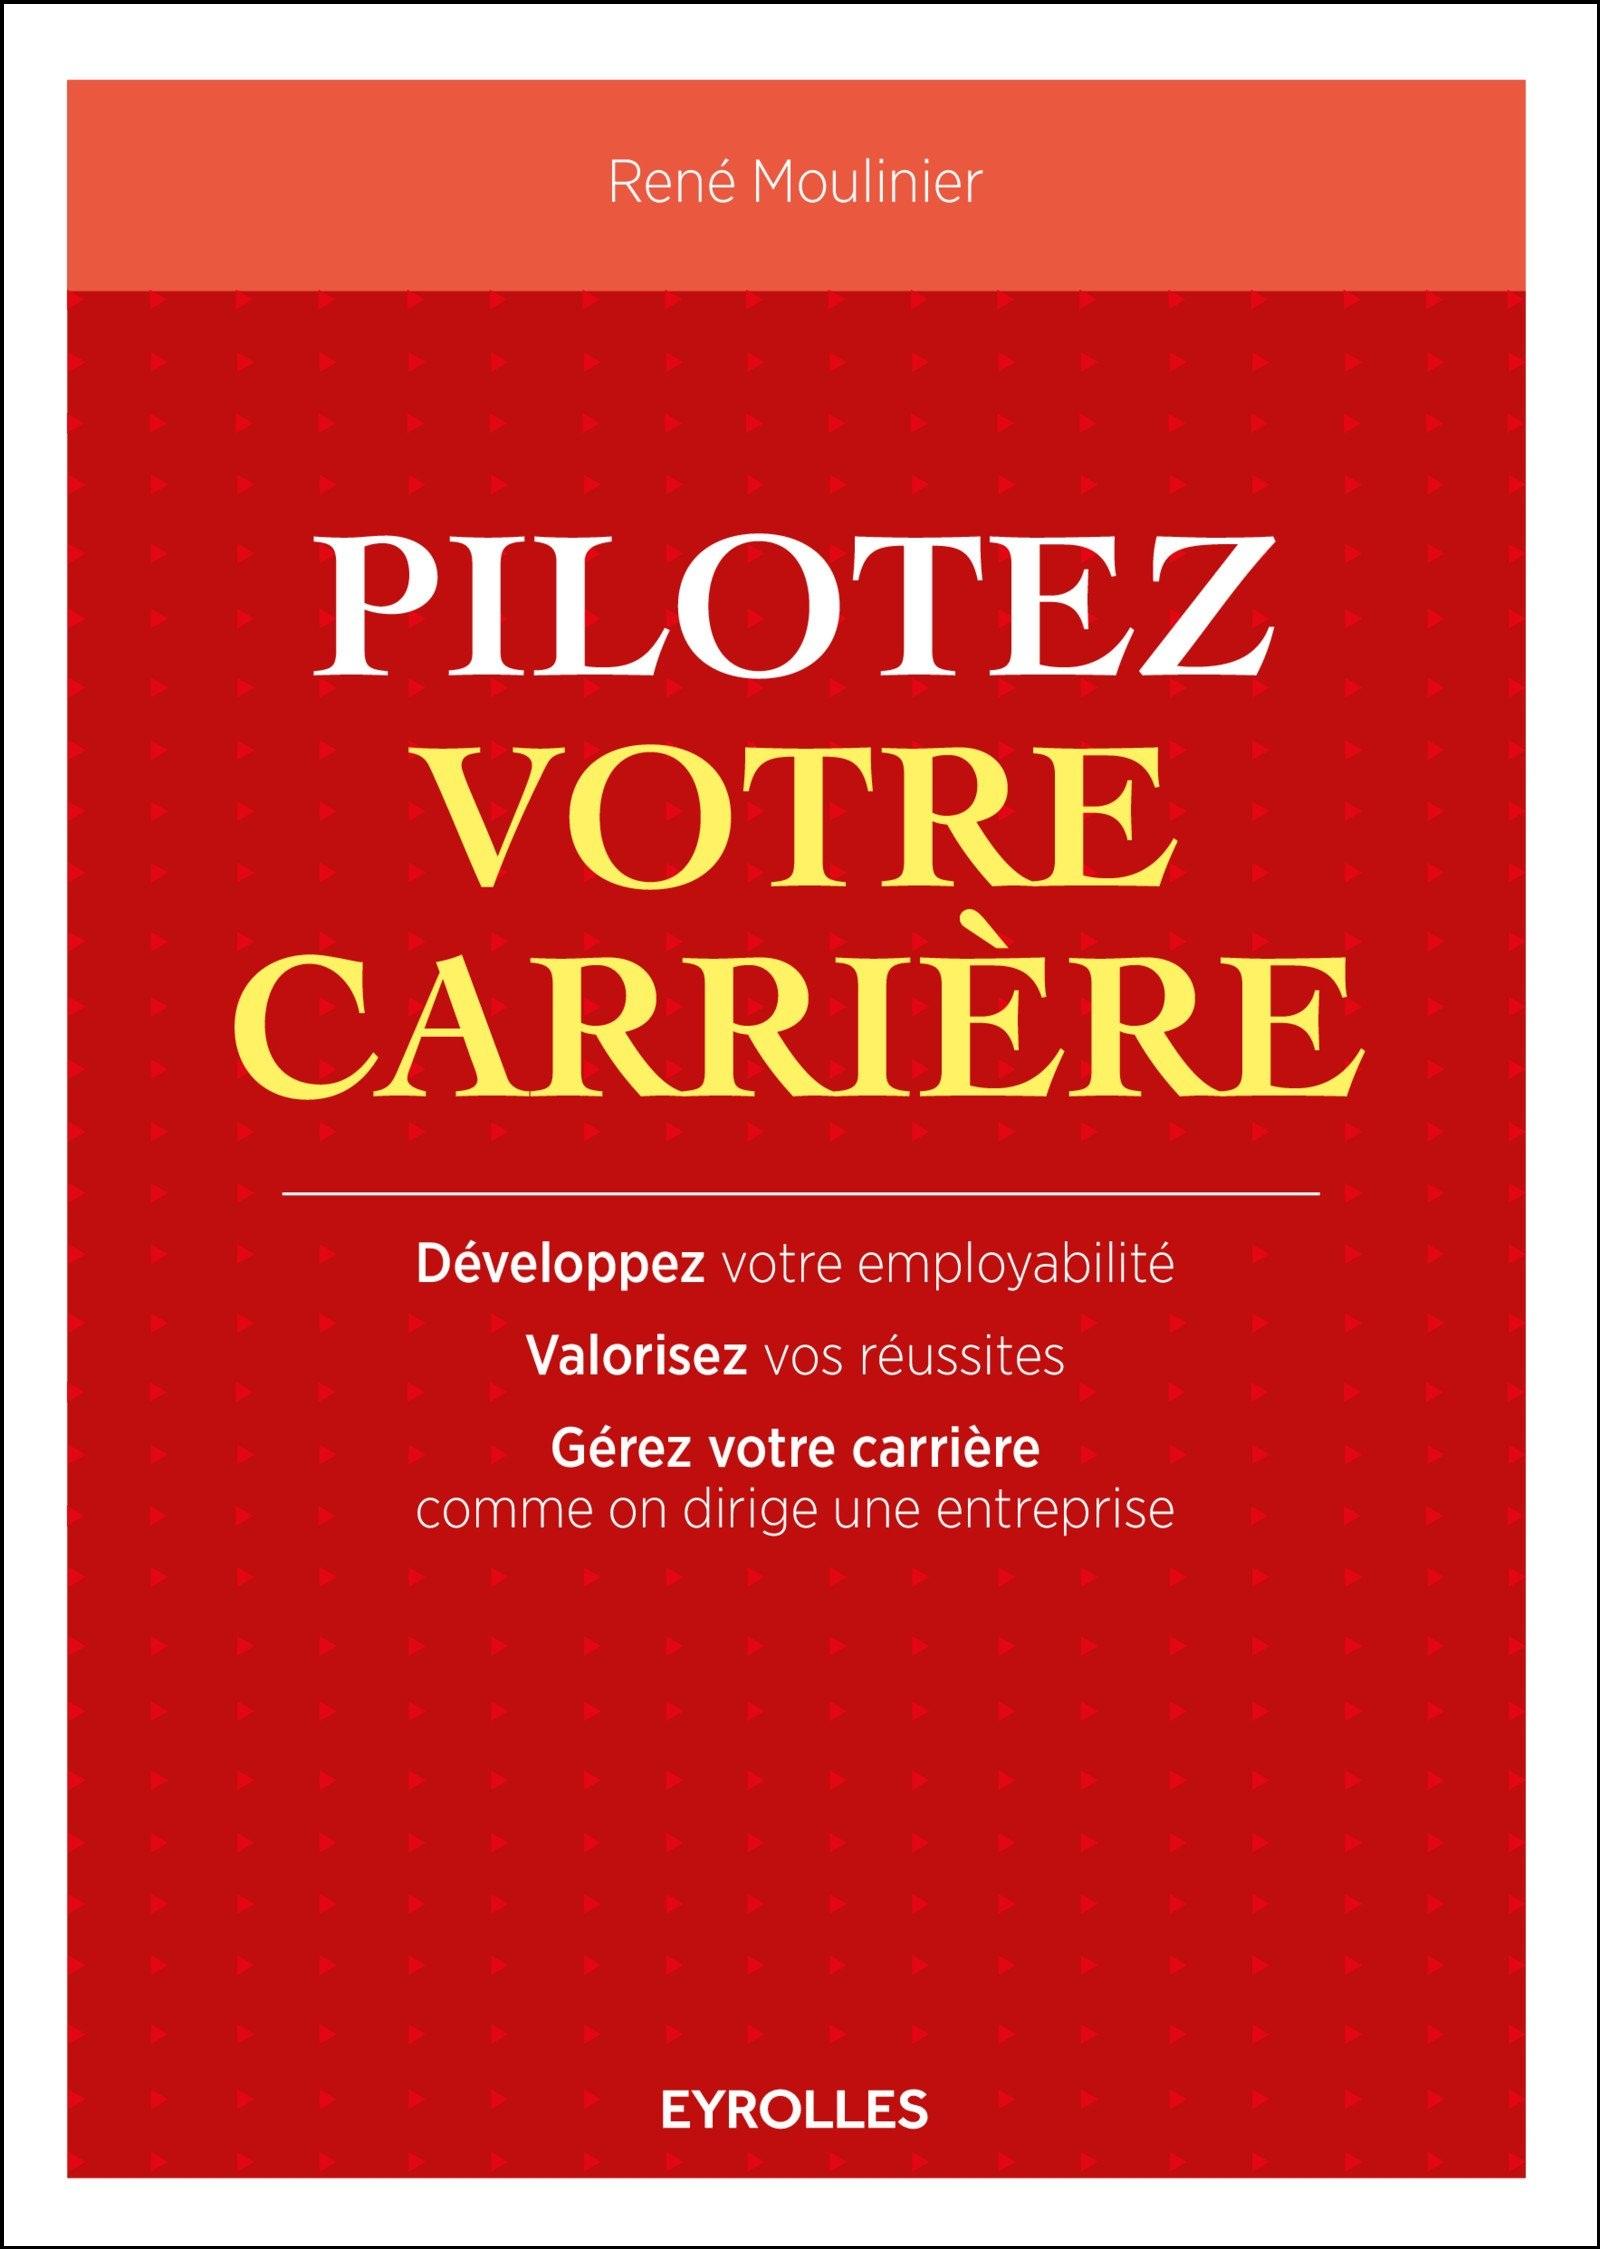 Pilotez votre carrière (2016) - René Moulinier